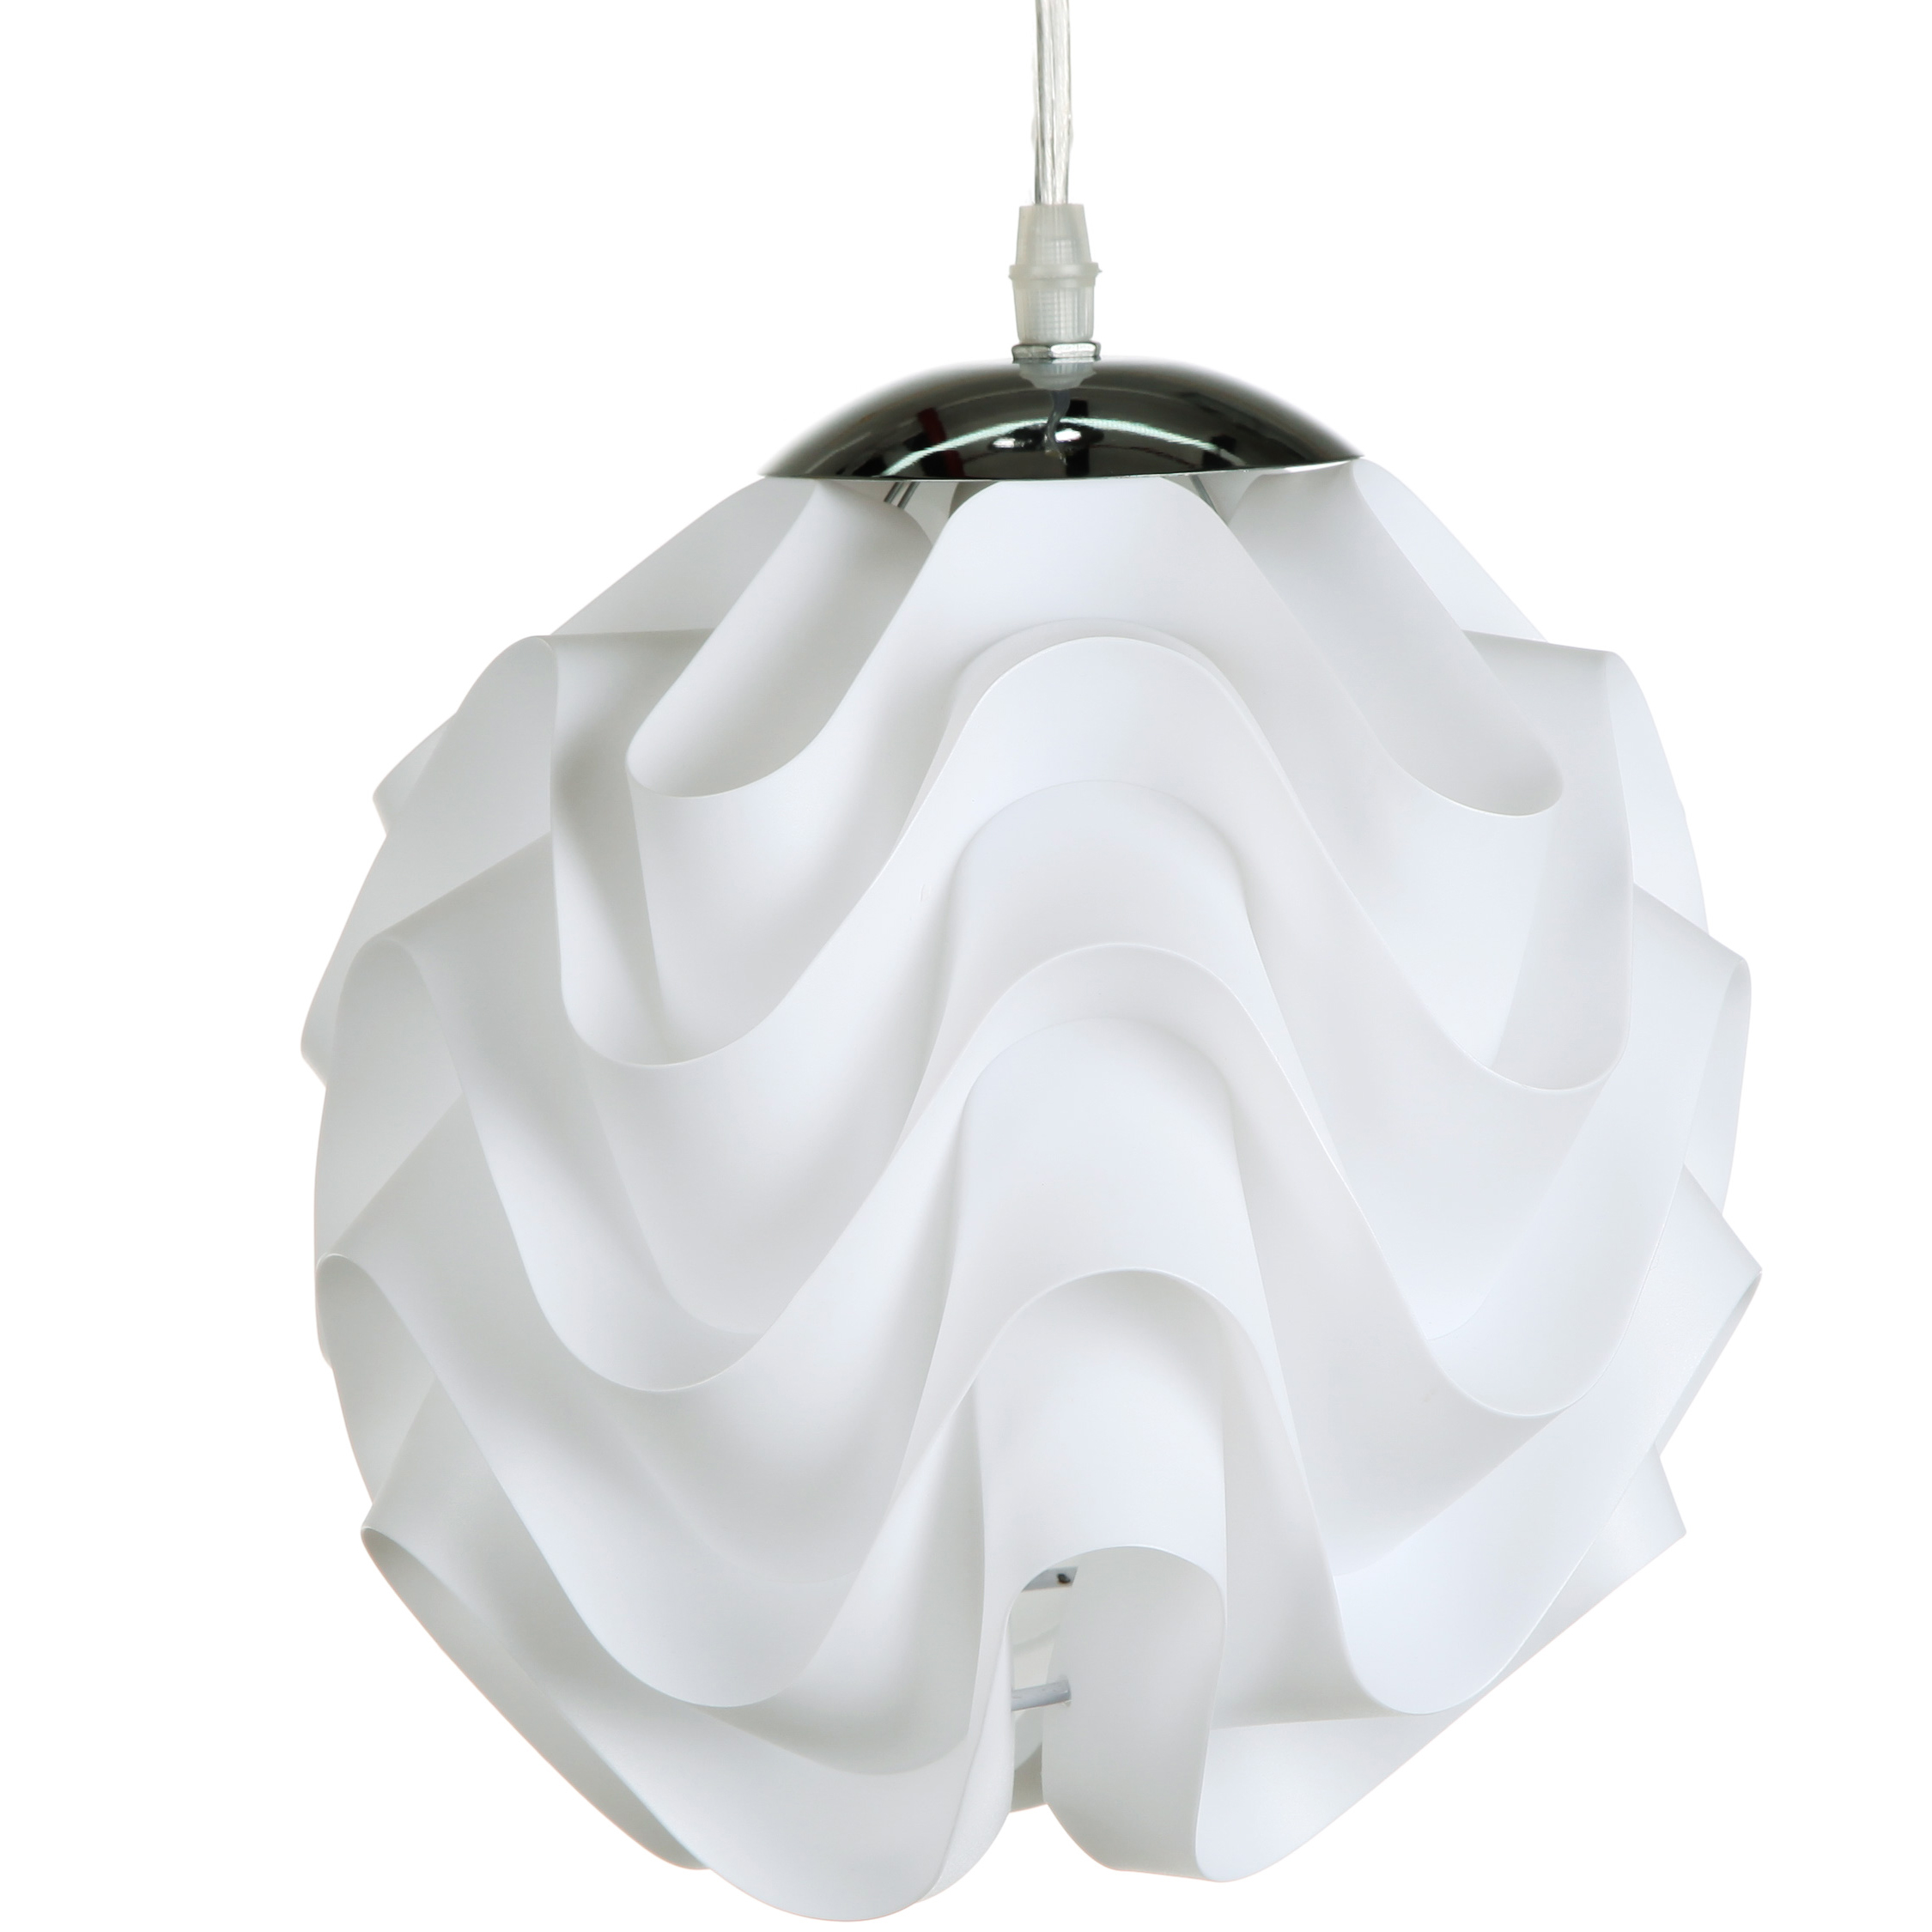 Подвесной светильник Ozzy, DG-LL07 от DG-home